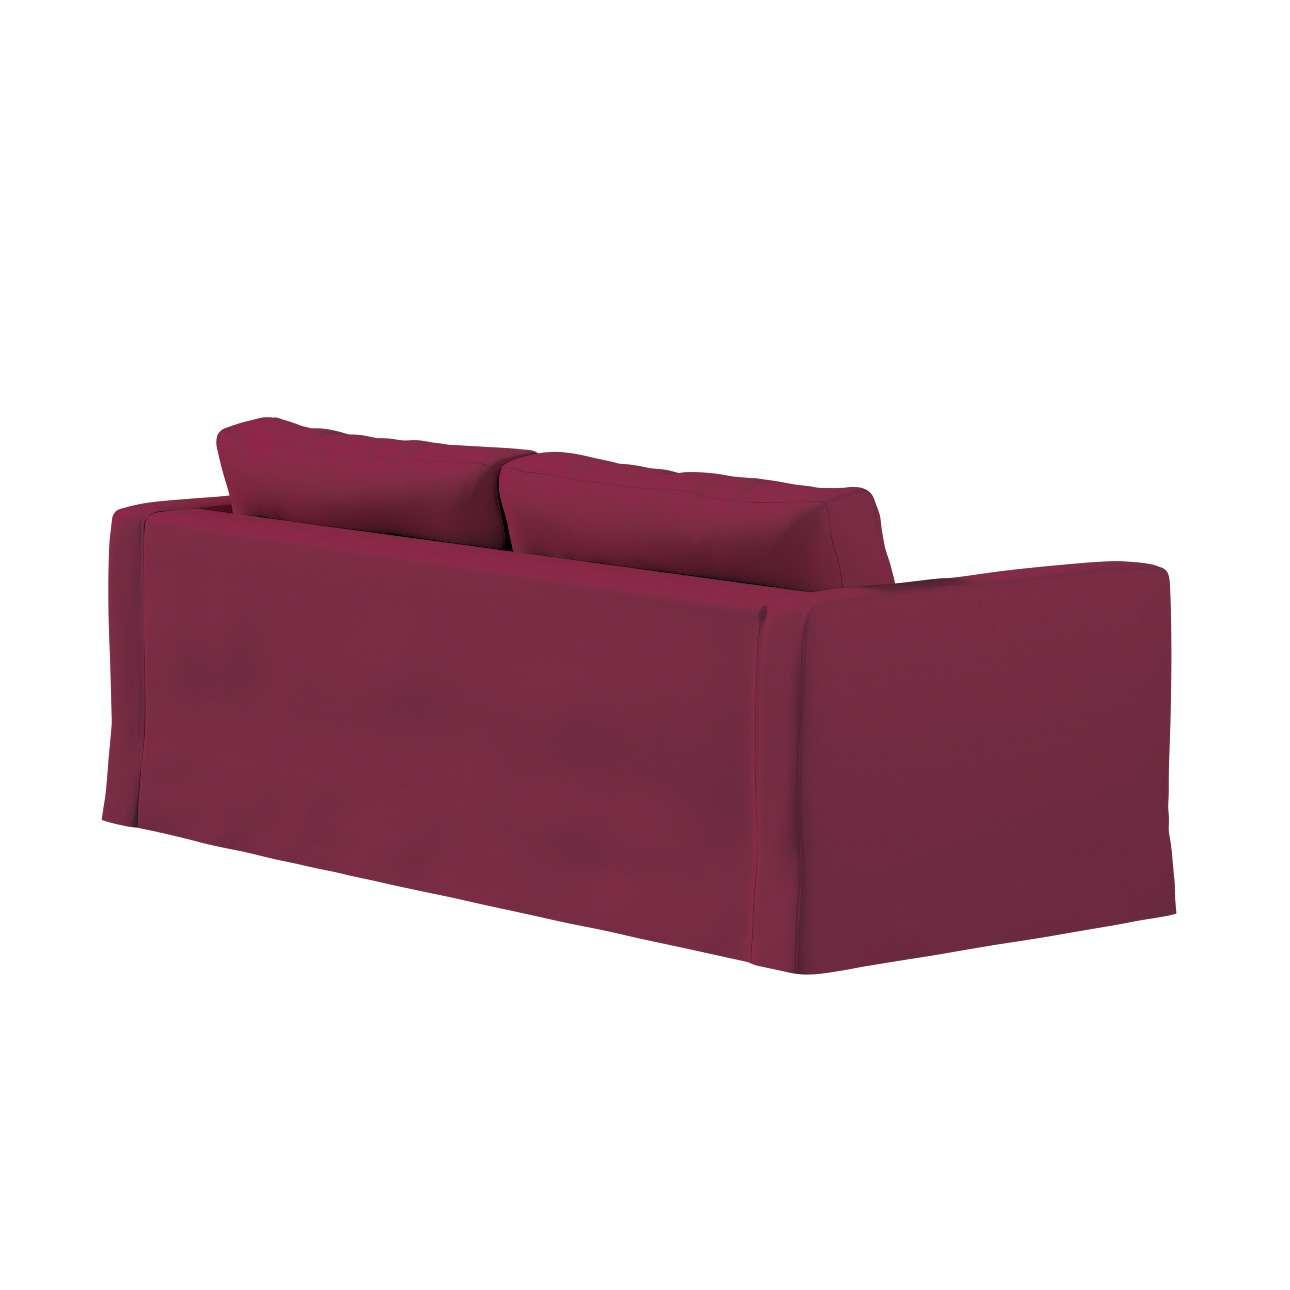 Pokrowiec na sofę Karlstad 3-osobową nierozkładaną, długi w kolekcji Cotton Panama, tkanina: 702-32